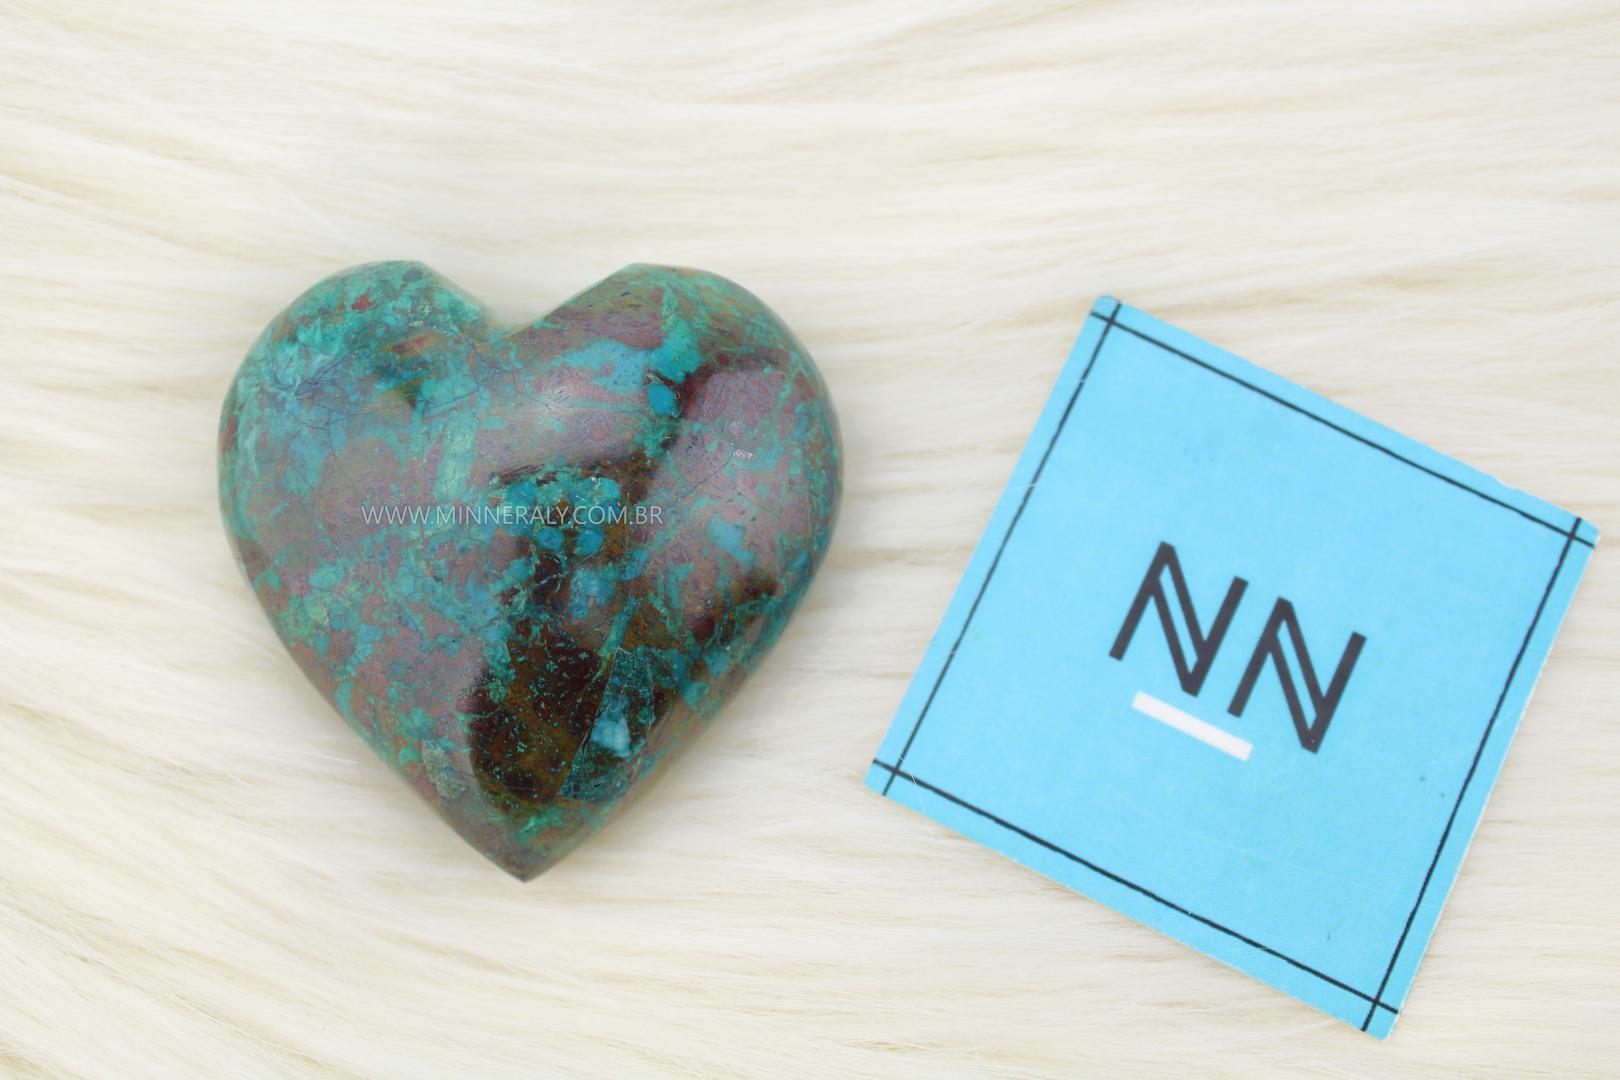 Coração de Crisocola in Natura #NN104